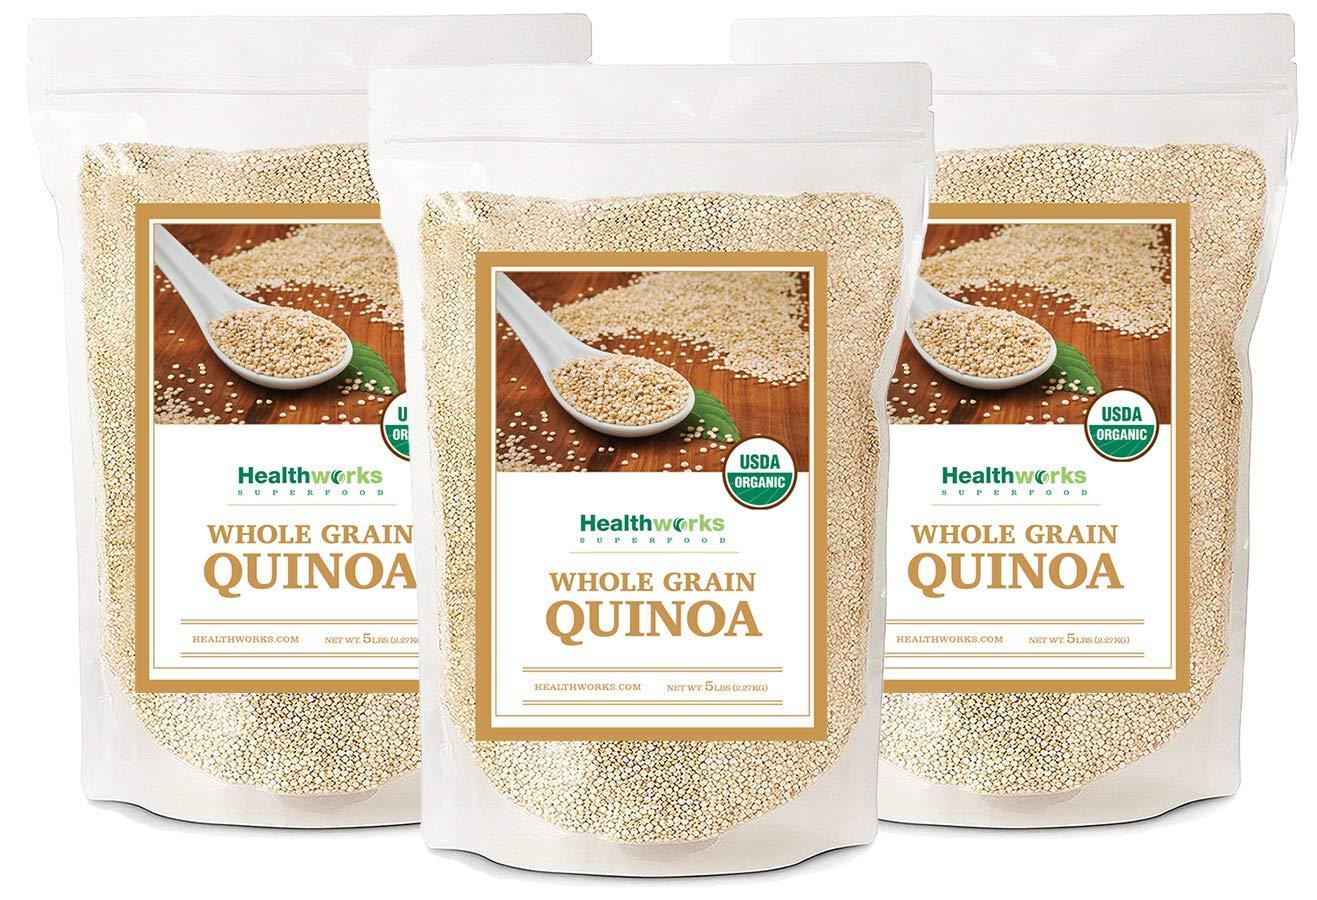 Healthworks Quinoa, Peruvian White Whole Grain Raw Organic, 15lb (3 5lb Packs)